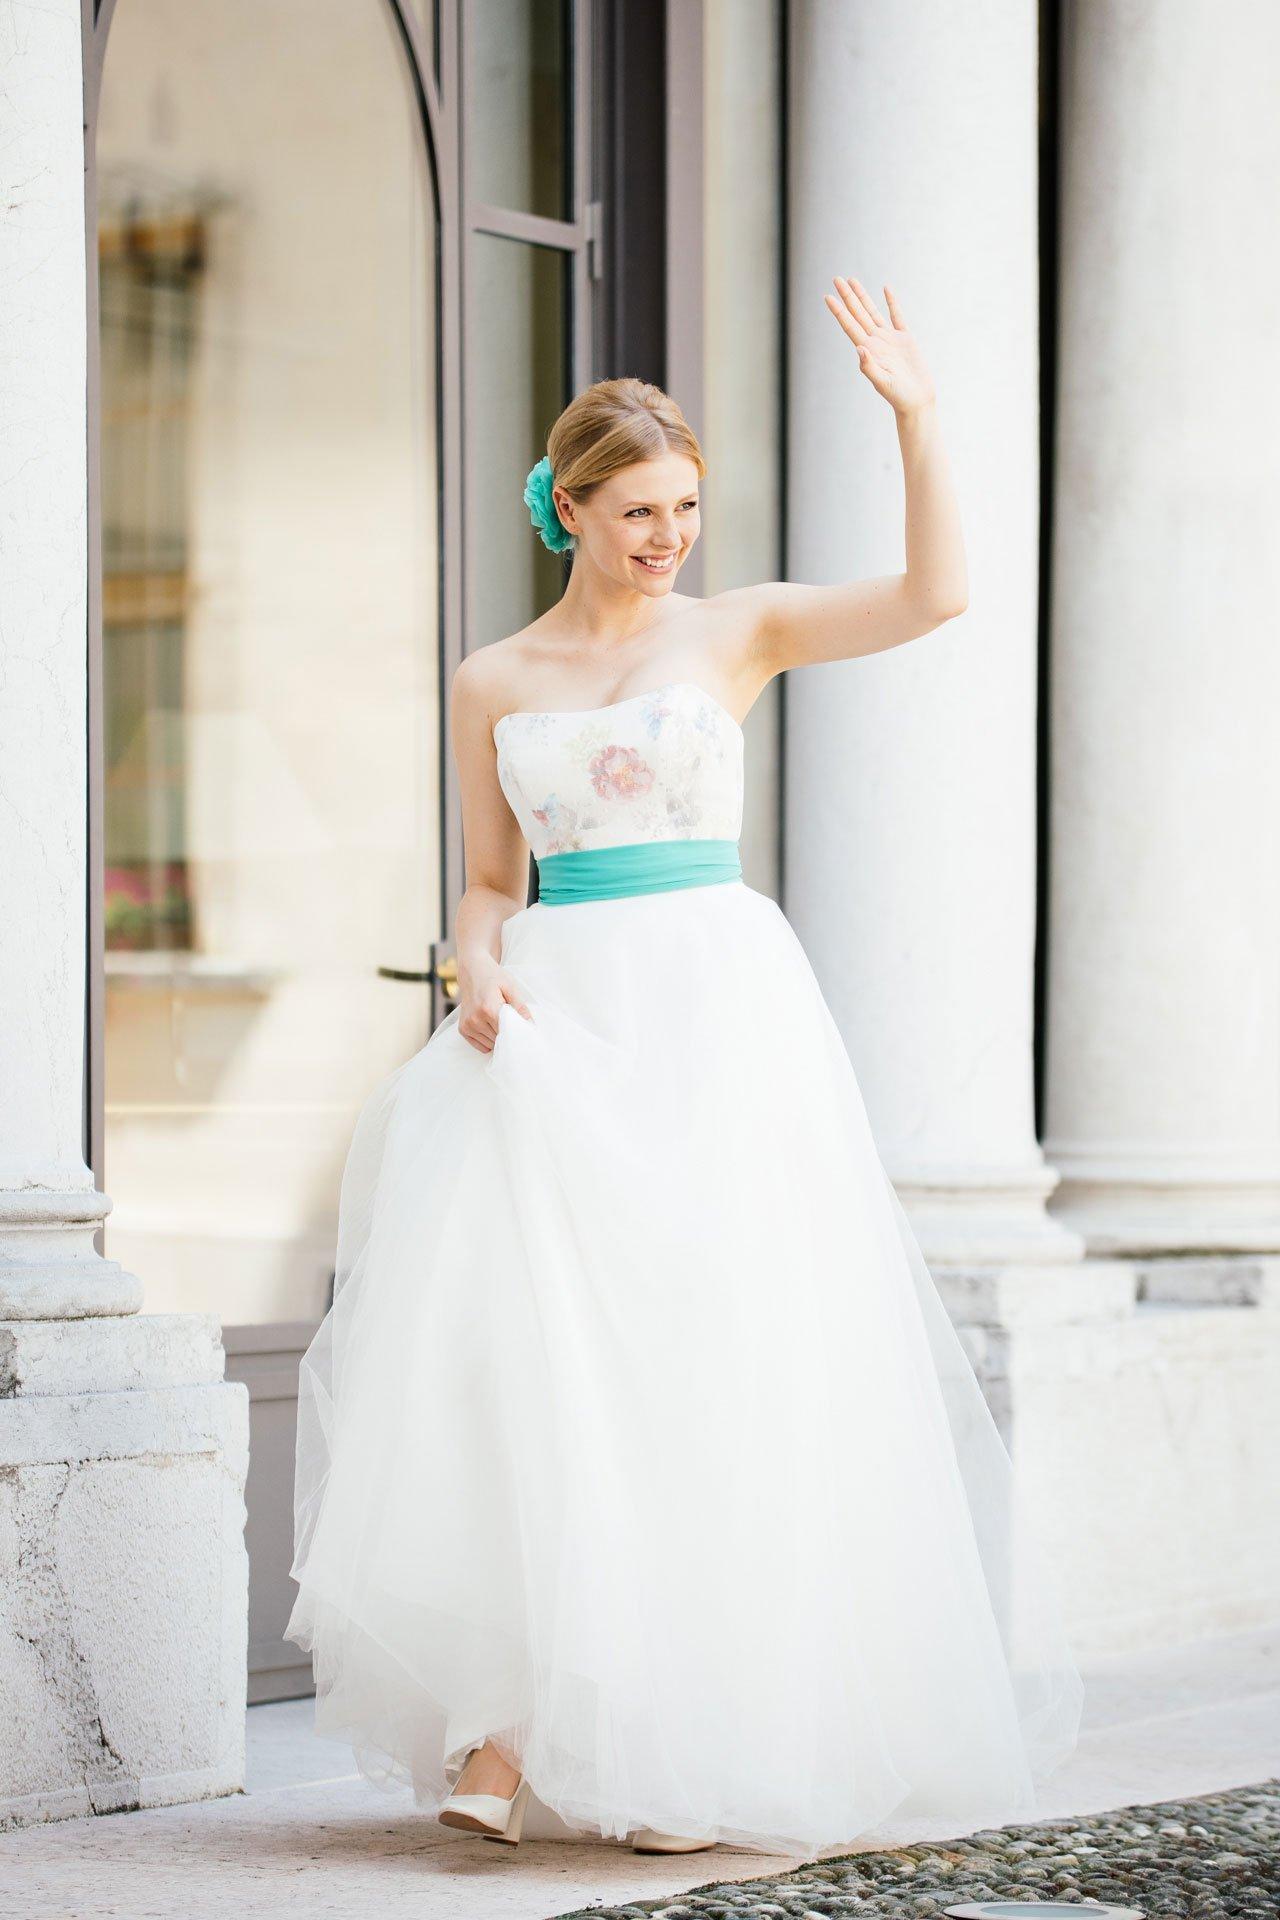 Ziemlich Machen Brautkleid Galerie - Hochzeit Kleid Stile Ideen ...